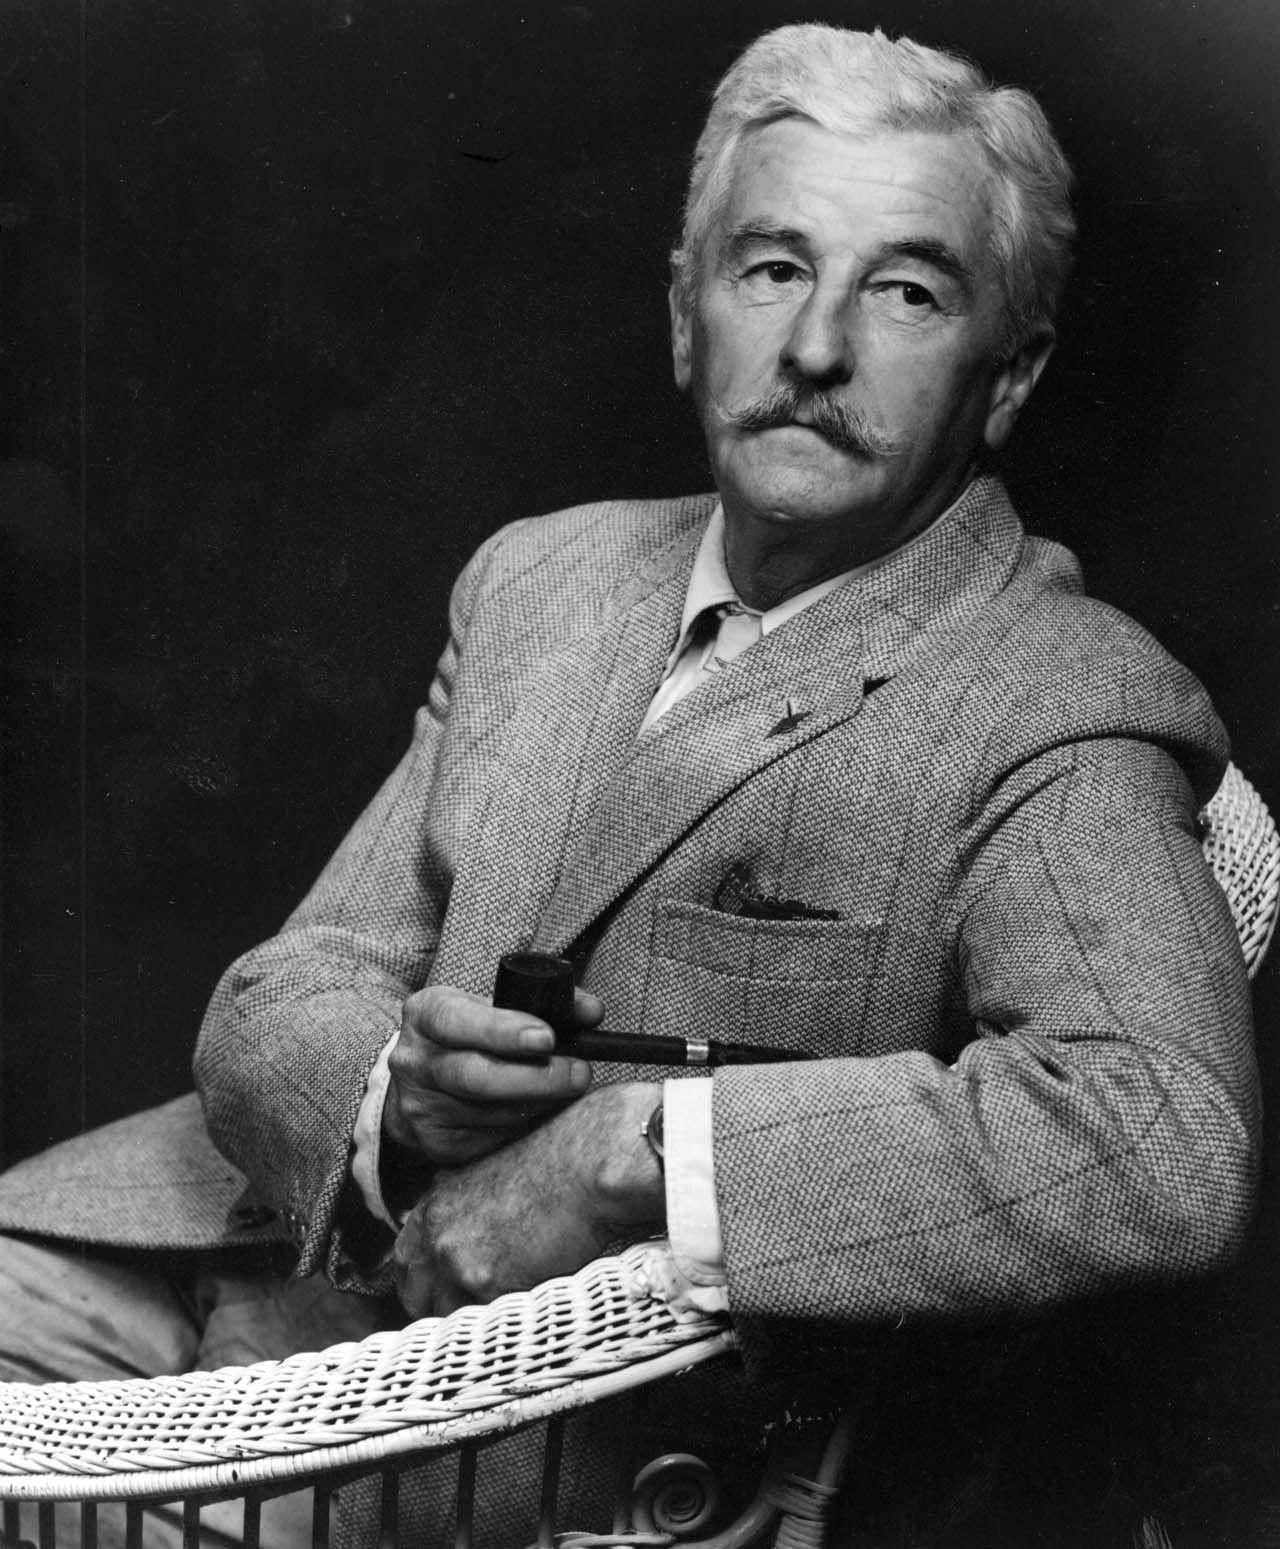 005 William Faulkner Essays Essay Example Stunning Topics Full